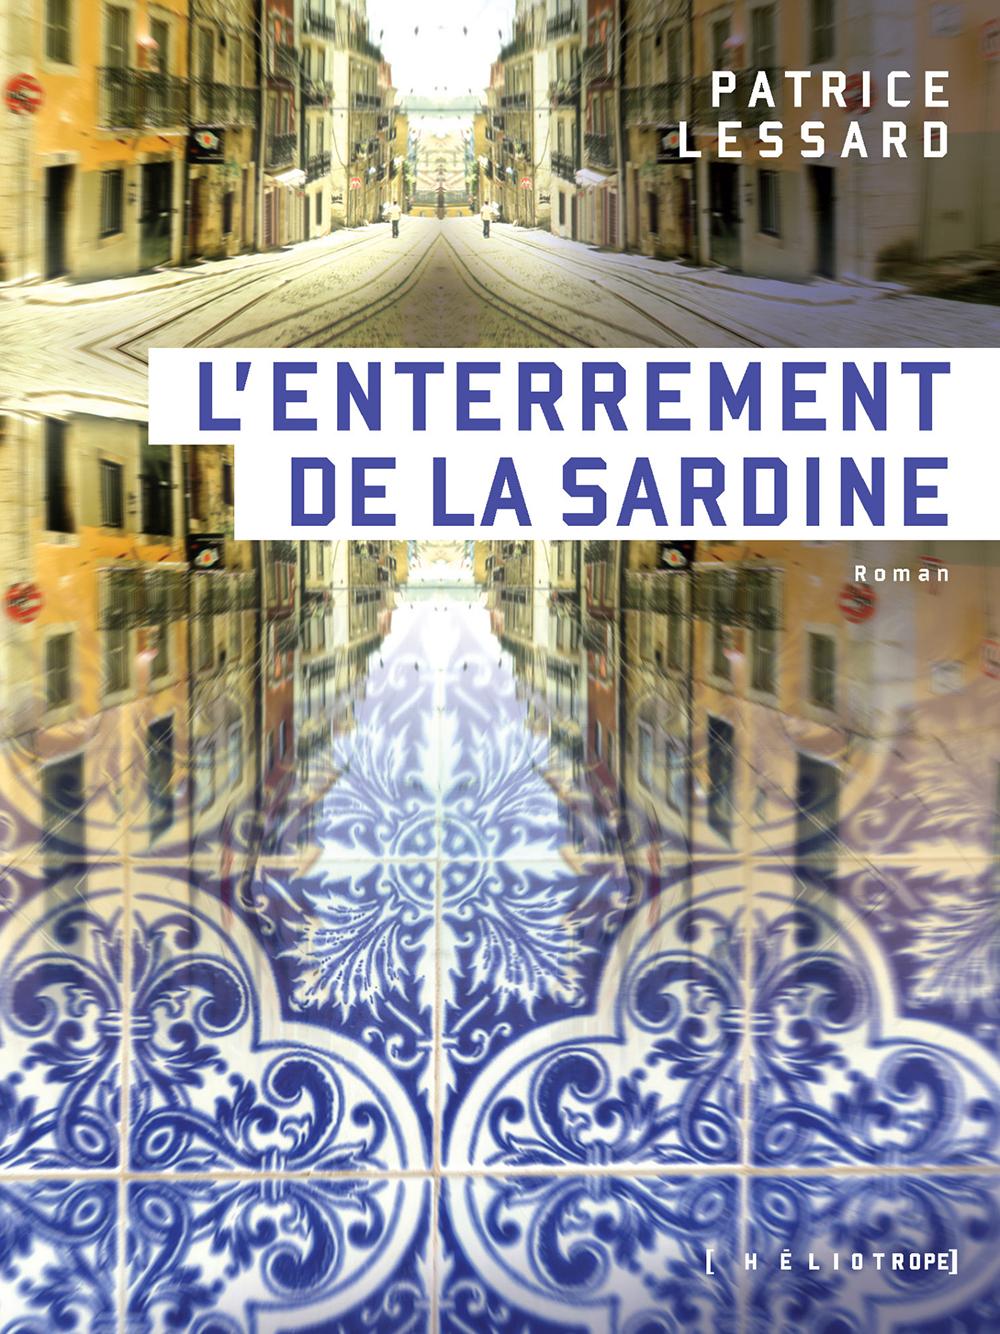 Couverture : Enterrement de la sardine(L') Patrice Lessard